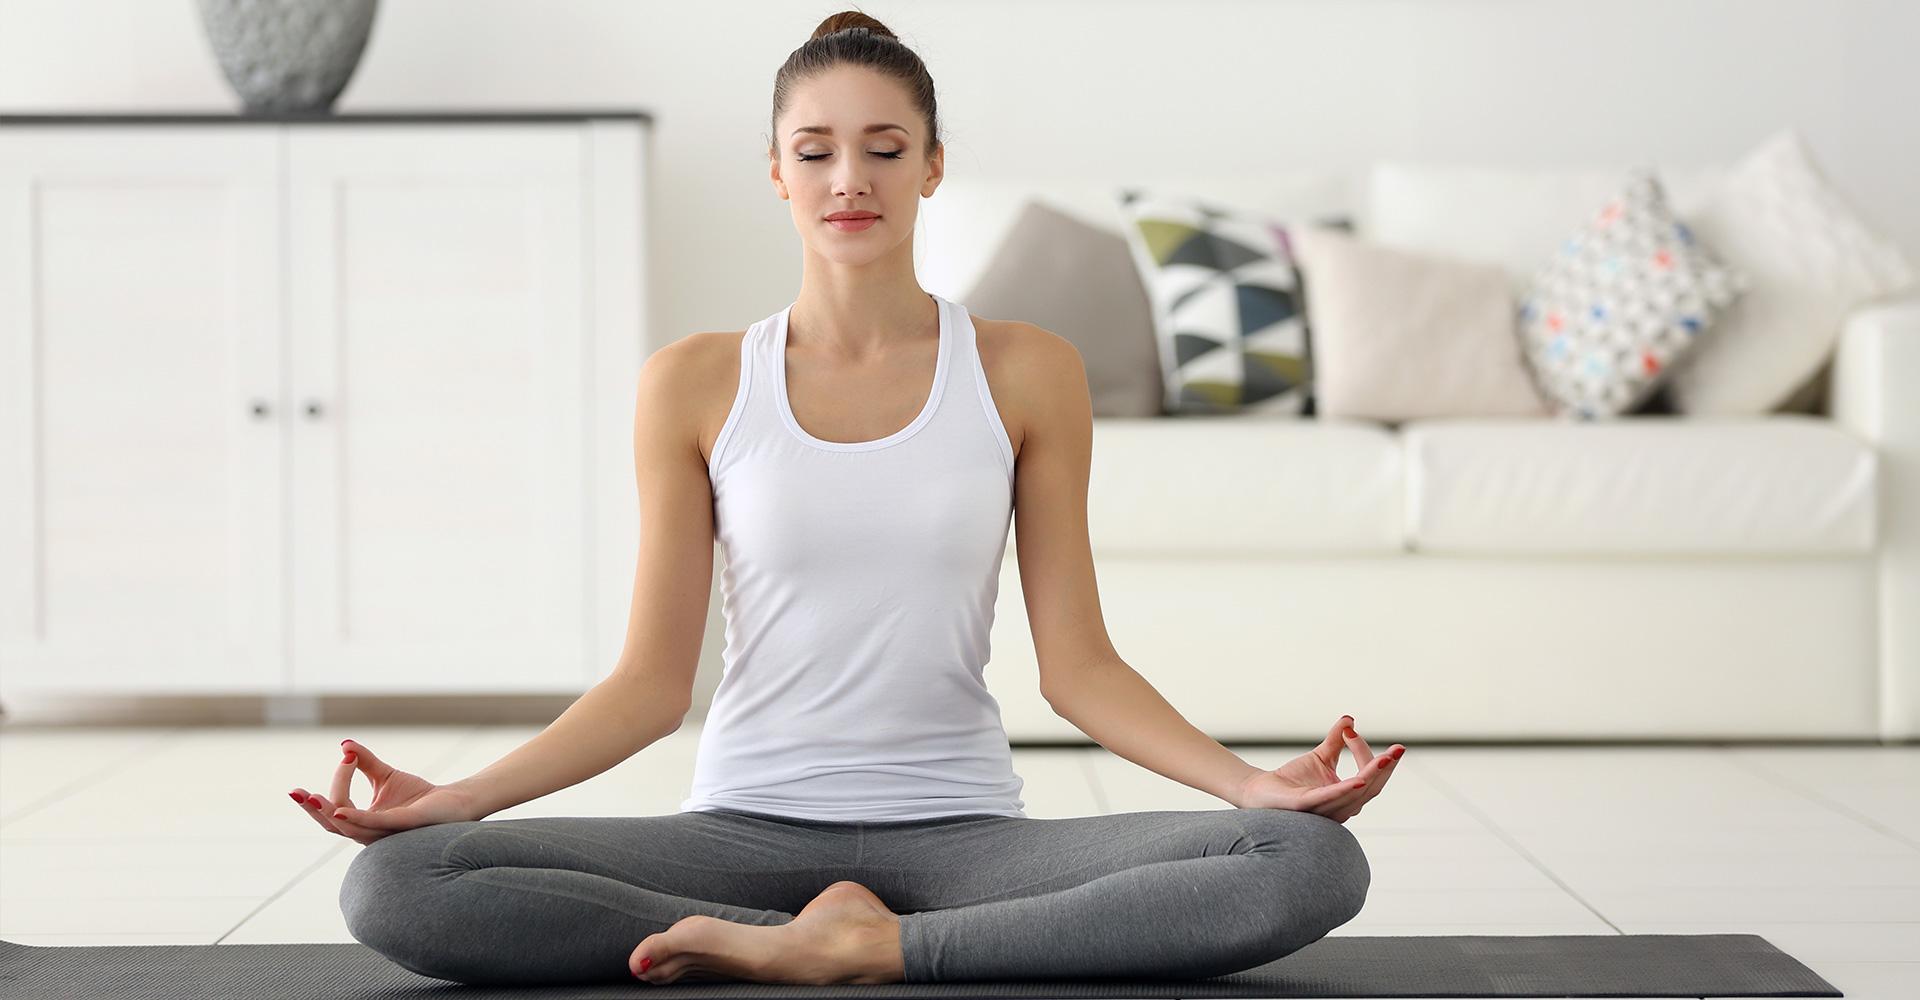 cours de yoga domicile pratique et bienfaits anjayati. Black Bedroom Furniture Sets. Home Design Ideas